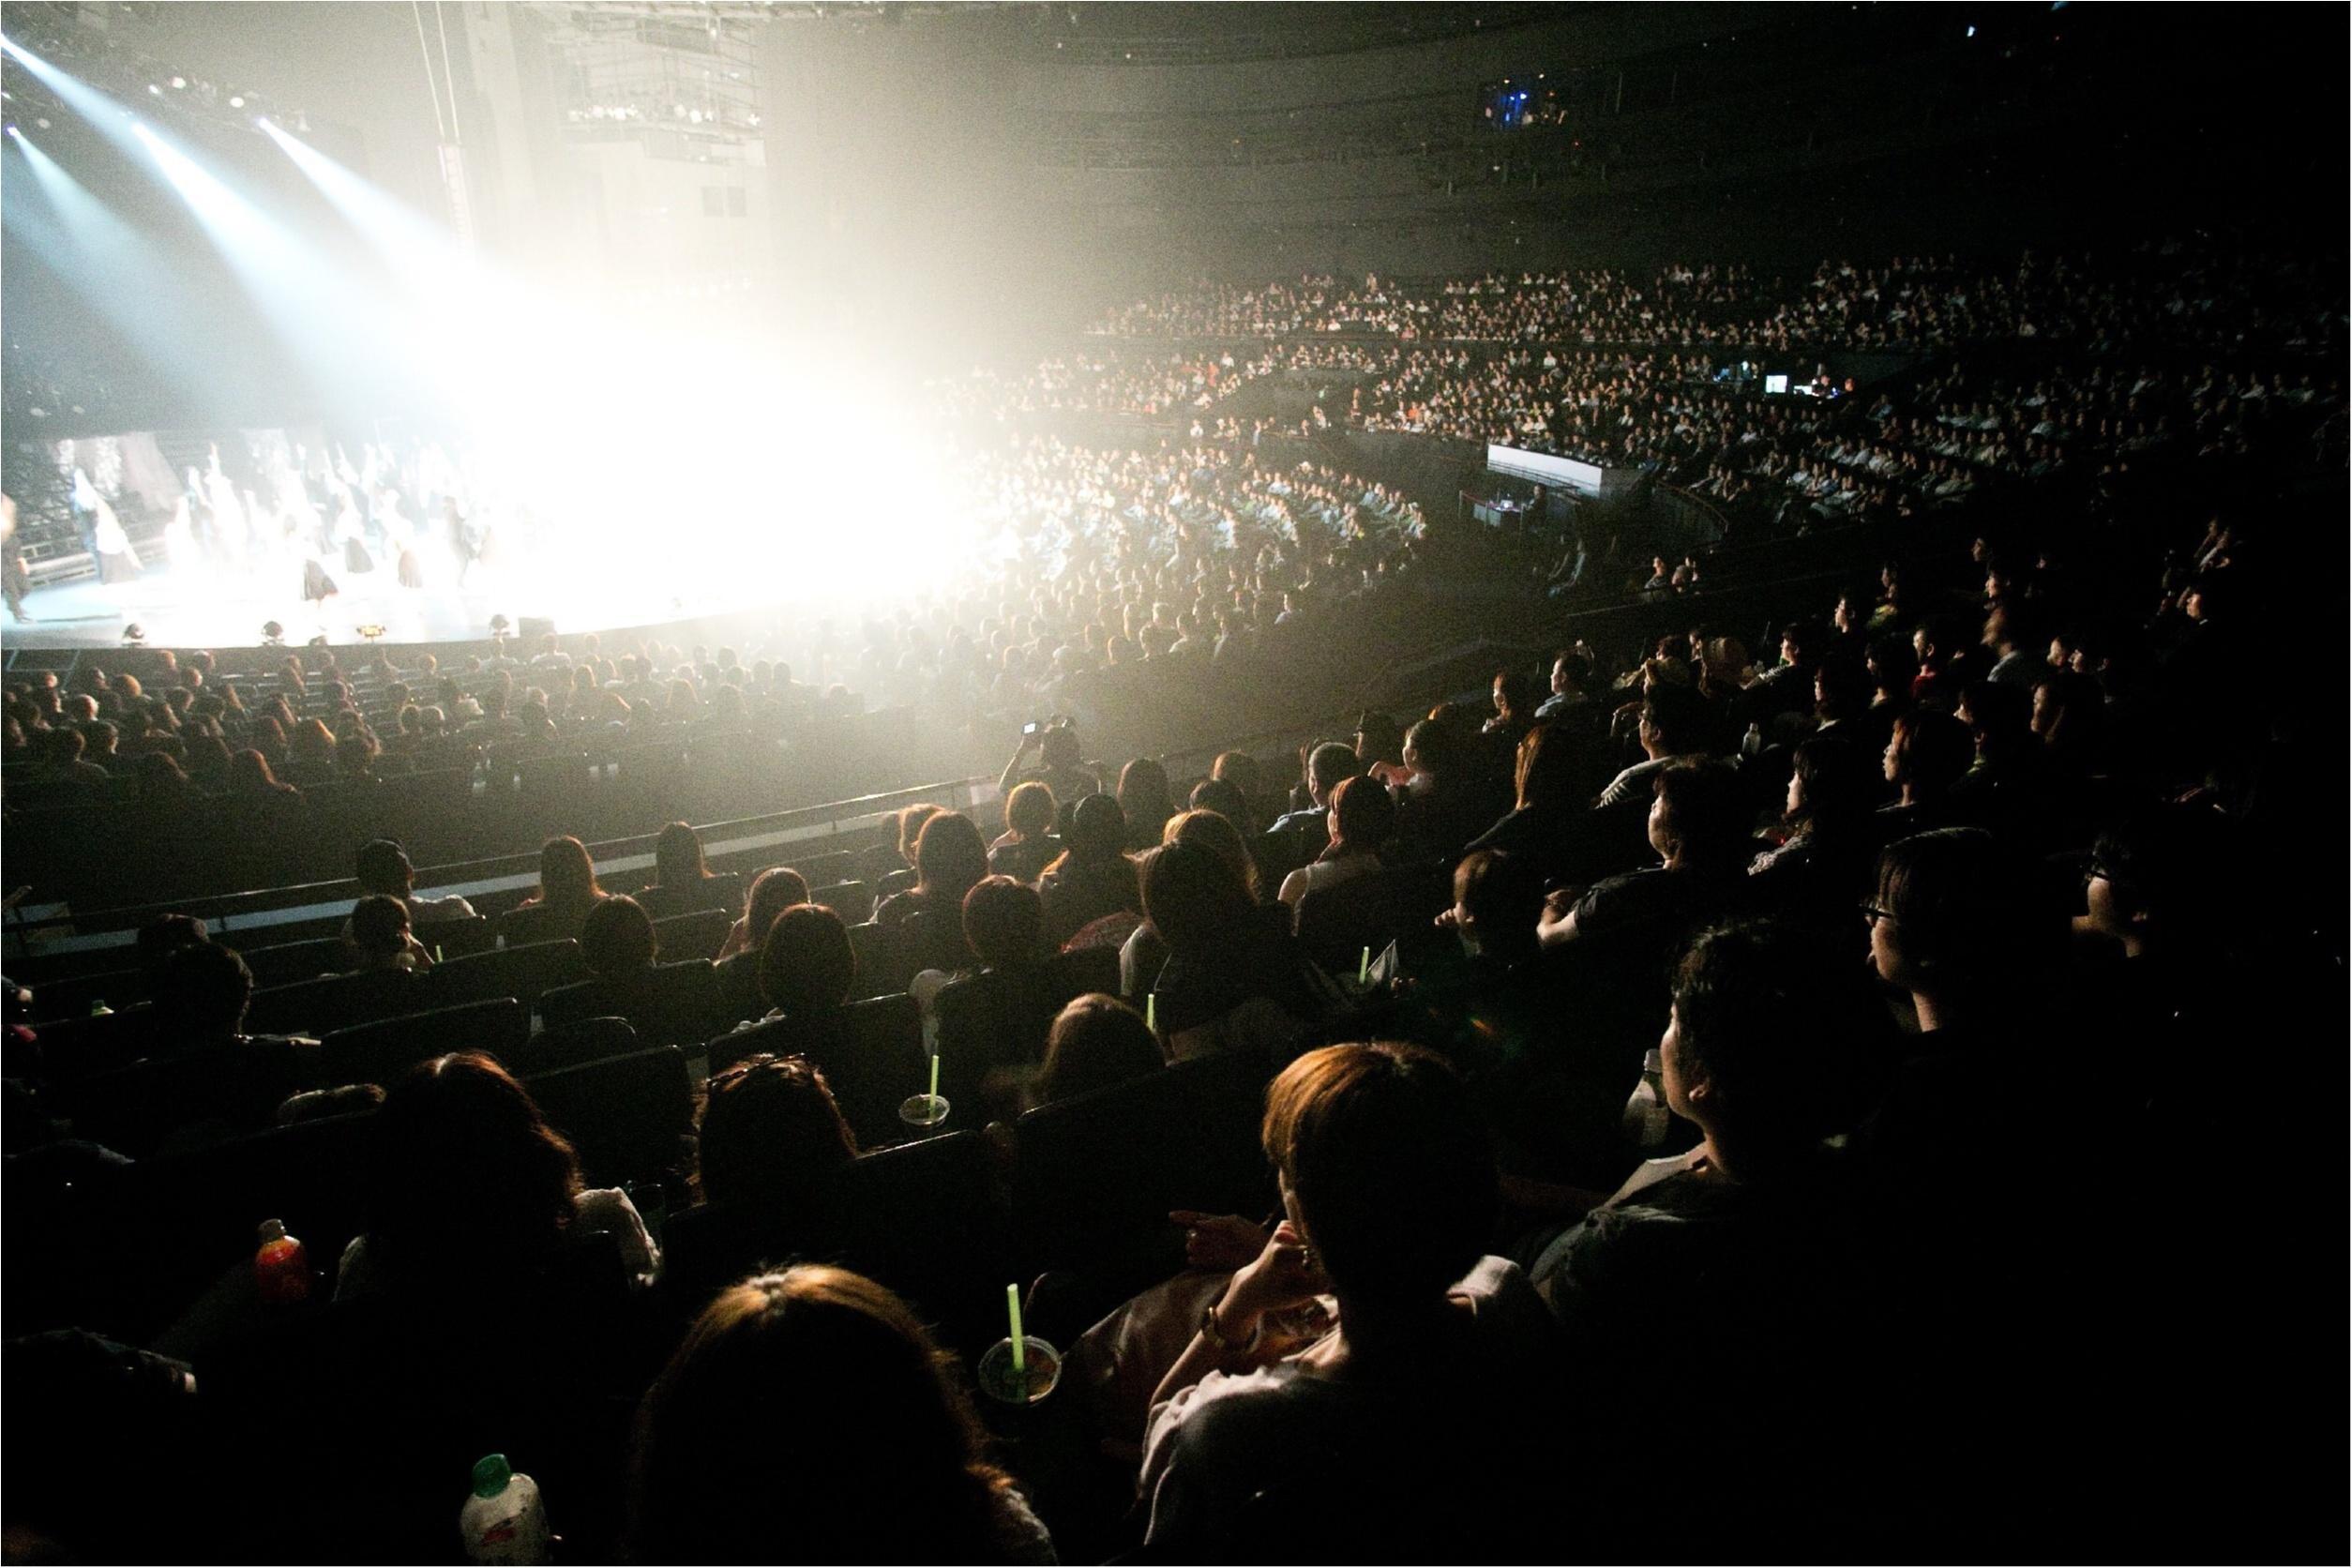 《より多くの人達にダンスを》新次元ダンスコンテスト【Legend Tokyo】が進化を続ける理由とは。_1